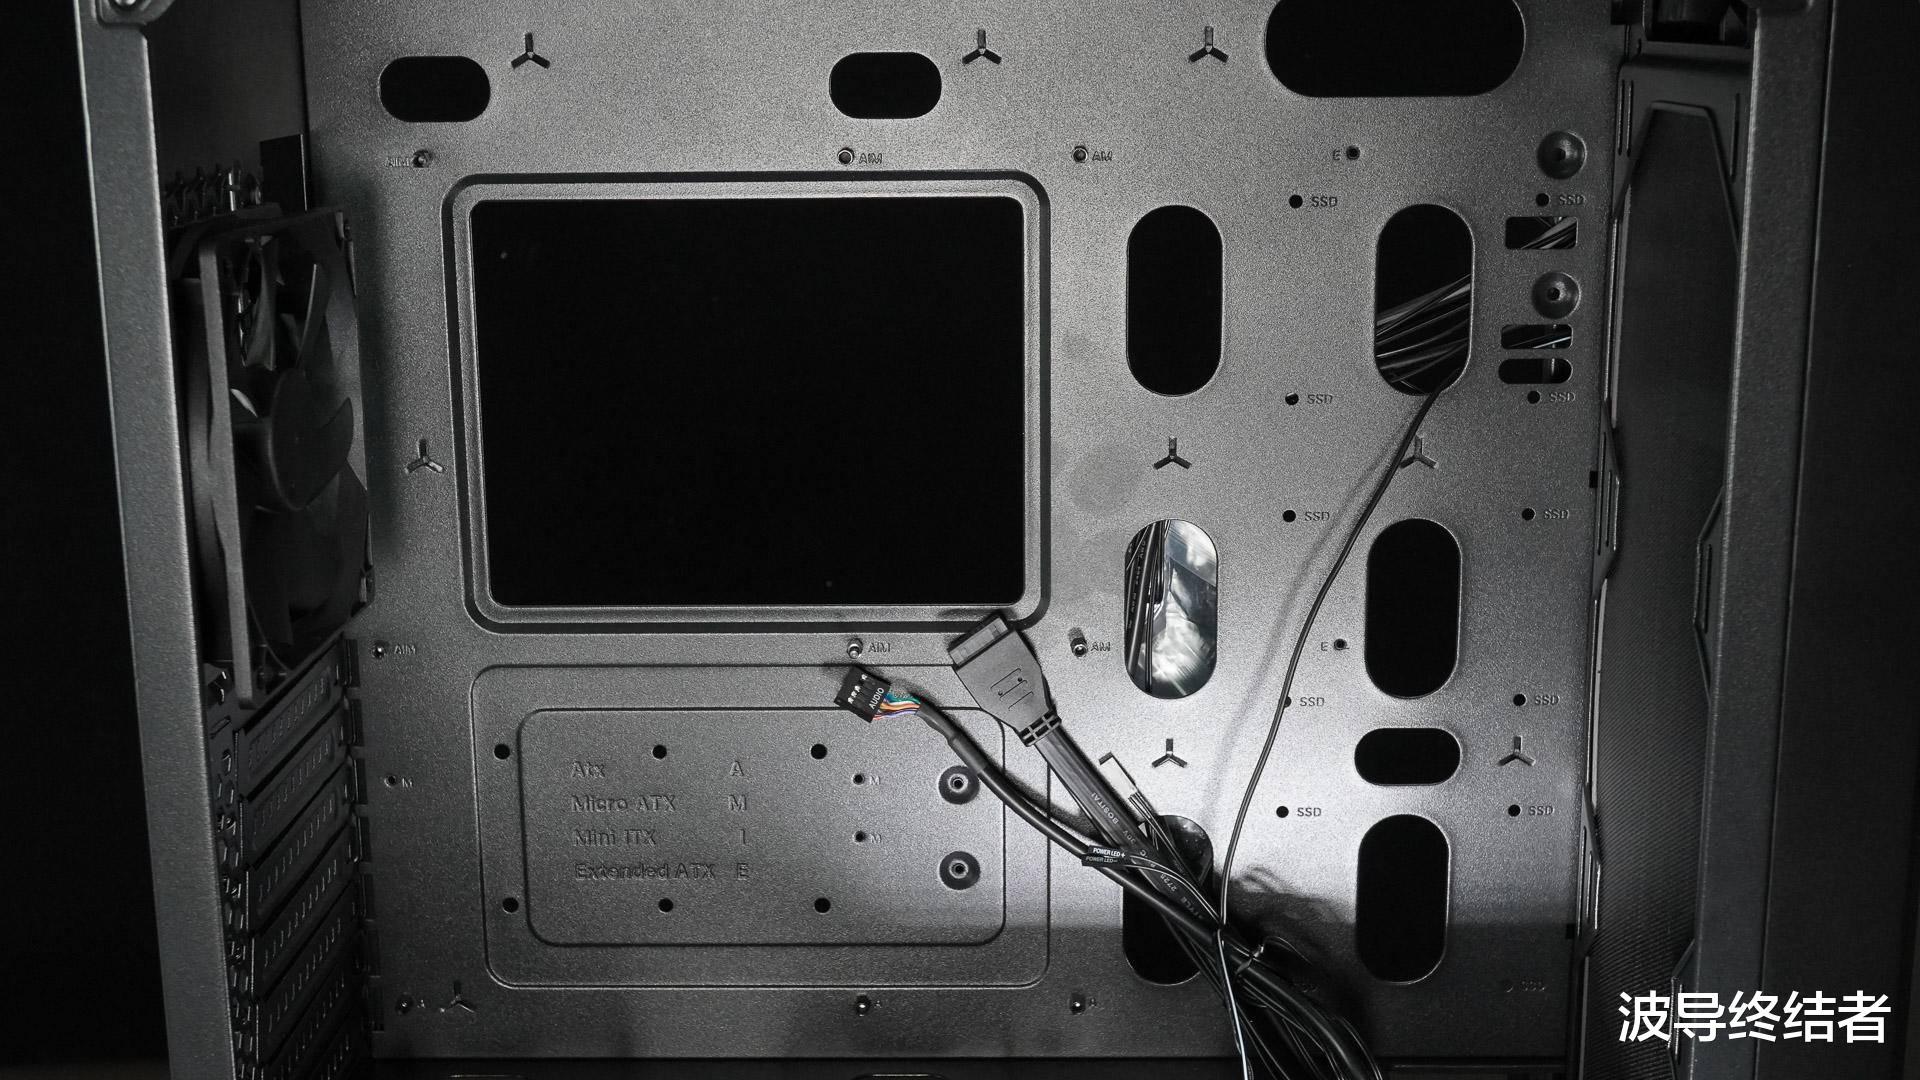 洛克王国普拉塔草原在哪_CPU降温20度!把工作室电脑搬到海盗船和爱国者的新家-第6张图片-游戏摸鱼怪